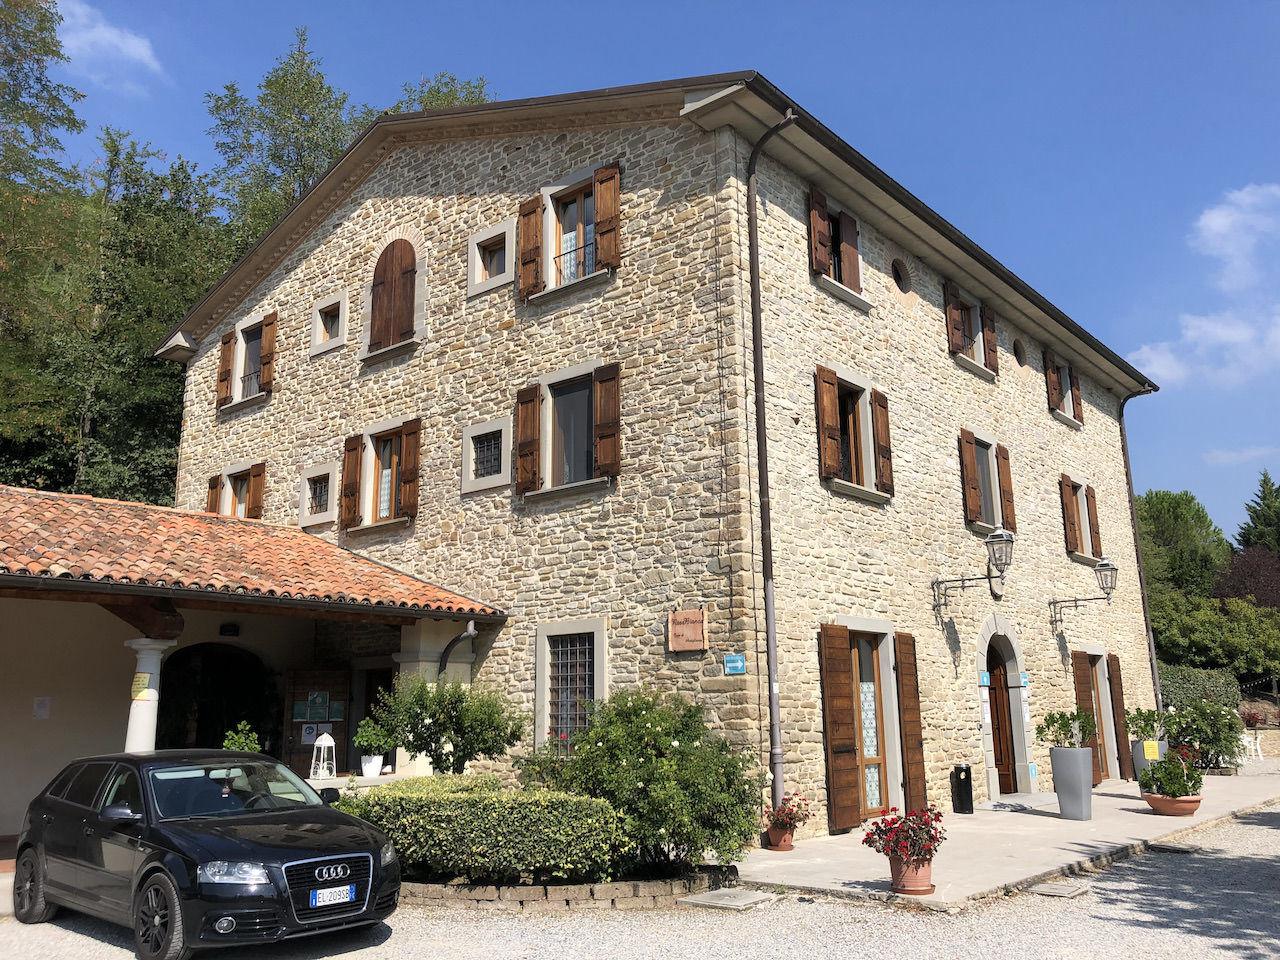 Romagna-Toscana-179